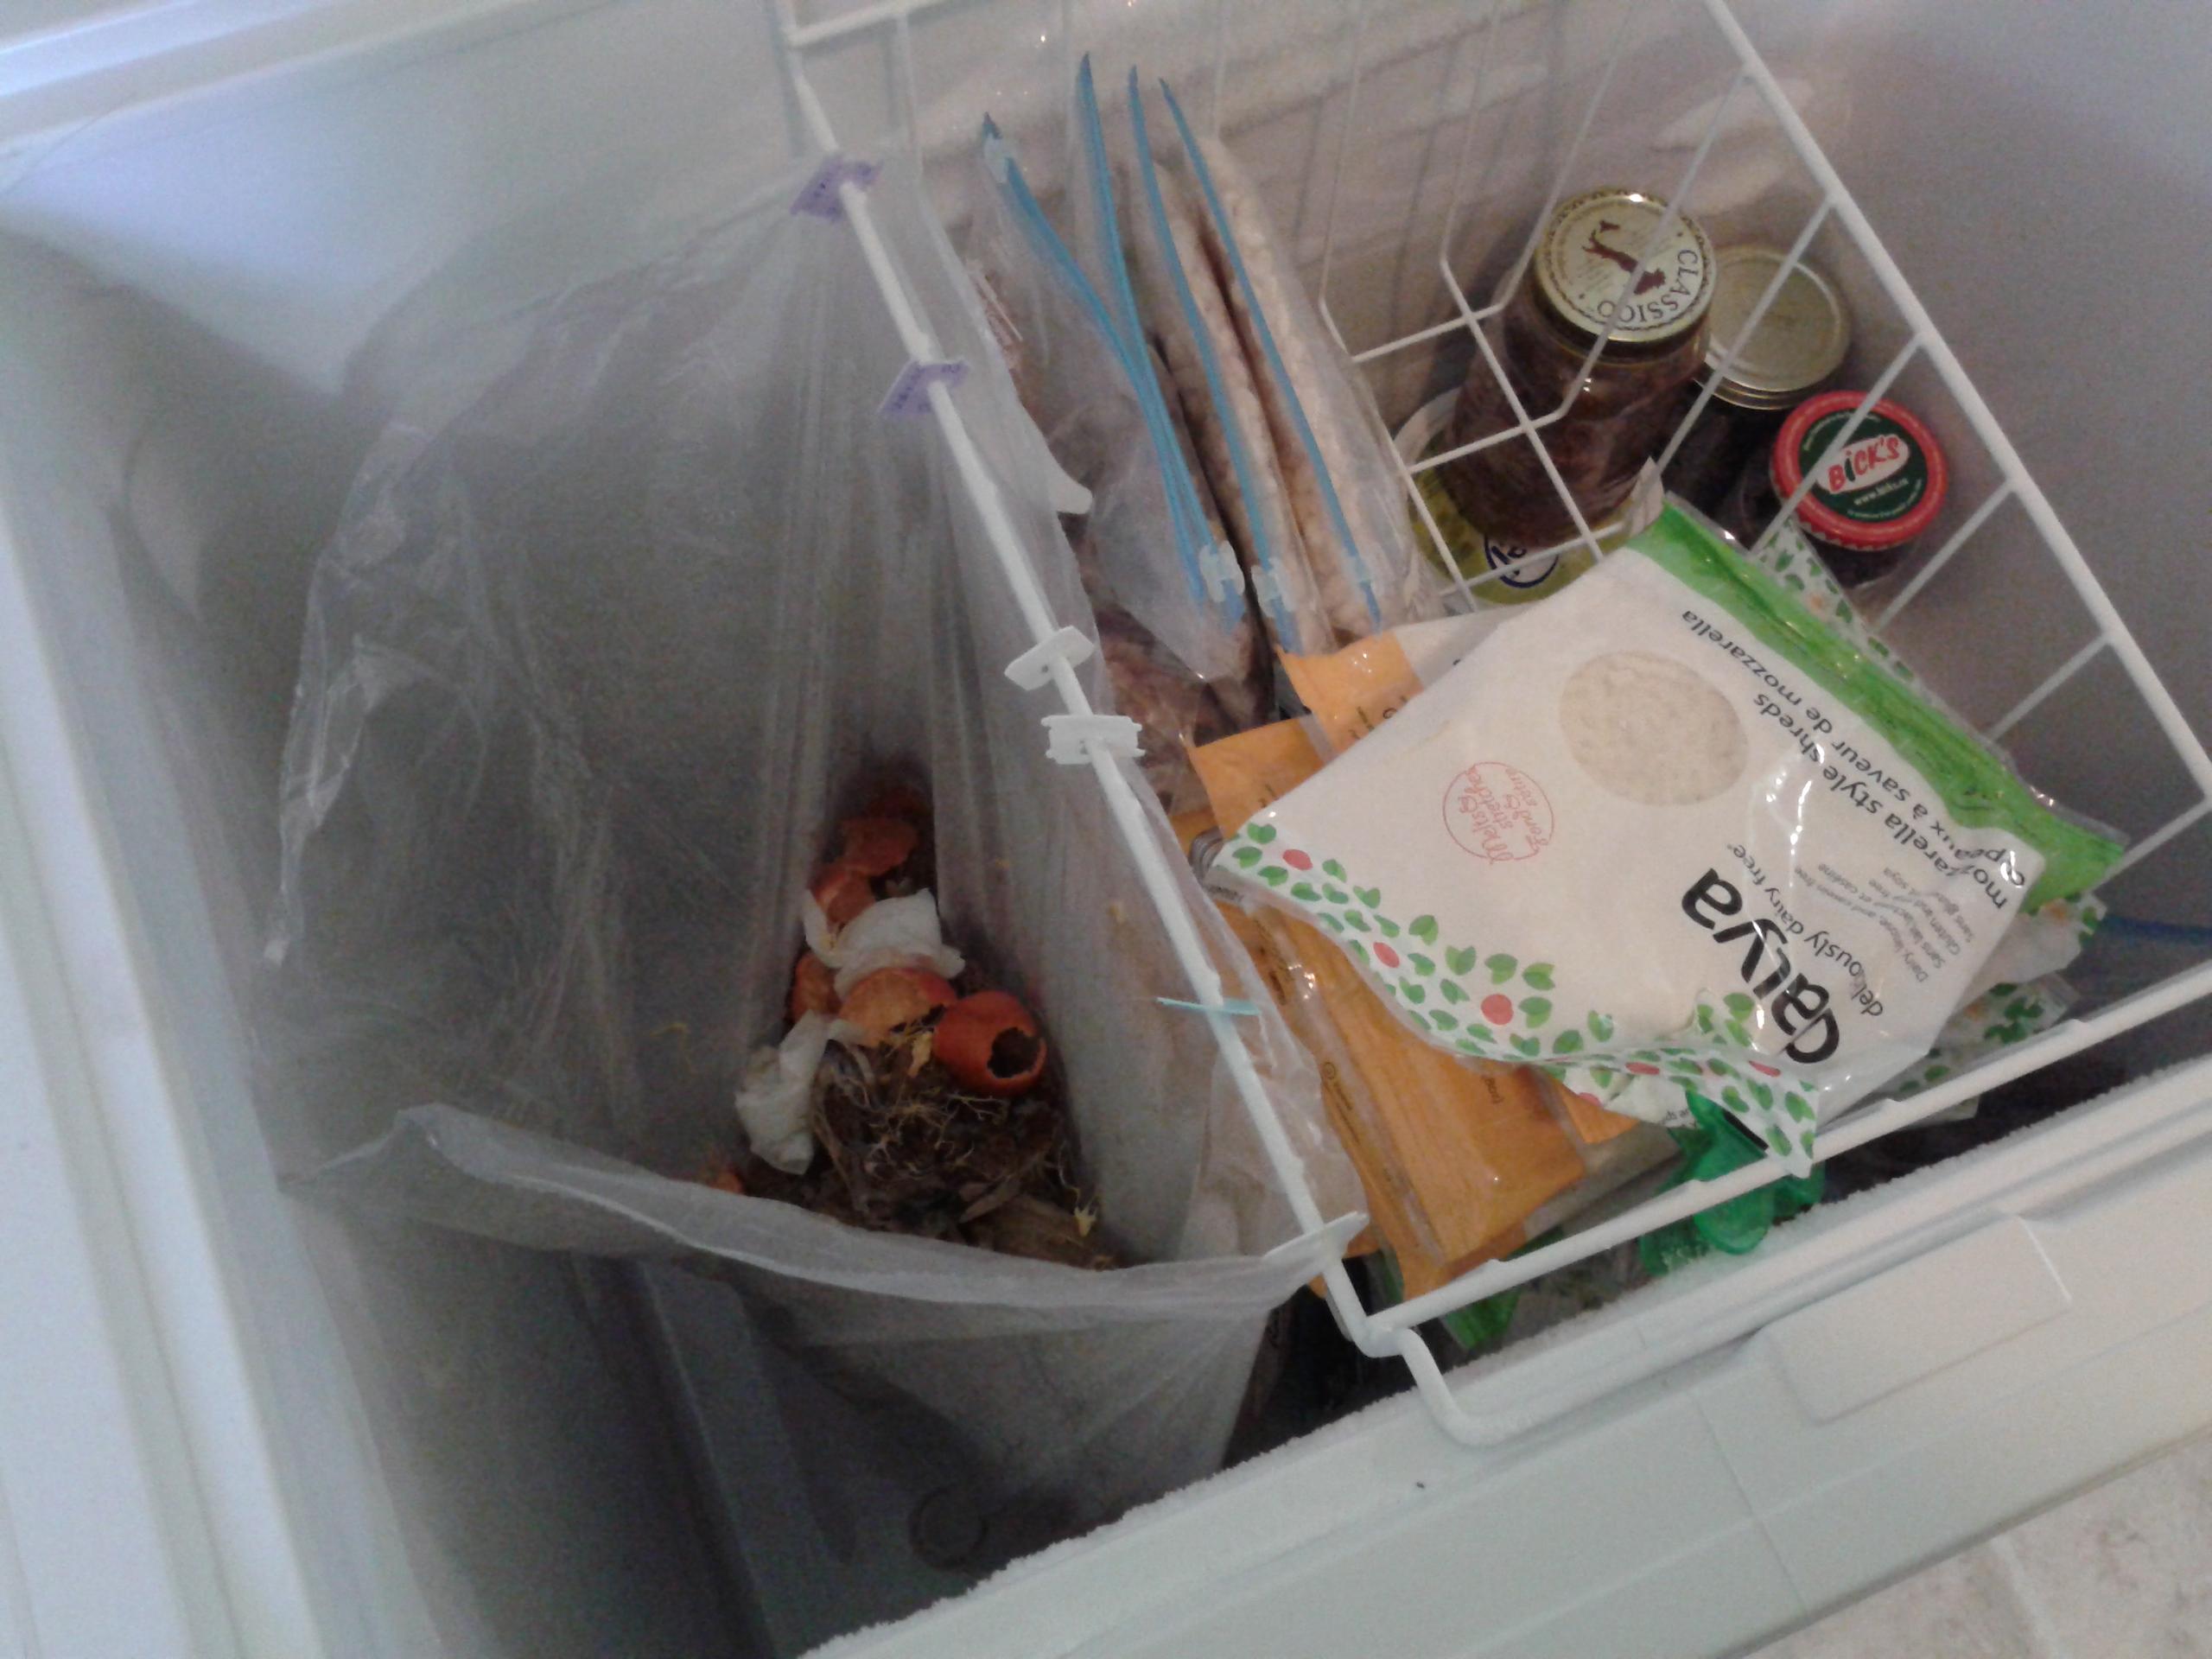 Du coup, j'ai réutiliser quelques attaches de sacs de pain! Et oui, le Daiya était en spécial récemment. ;)